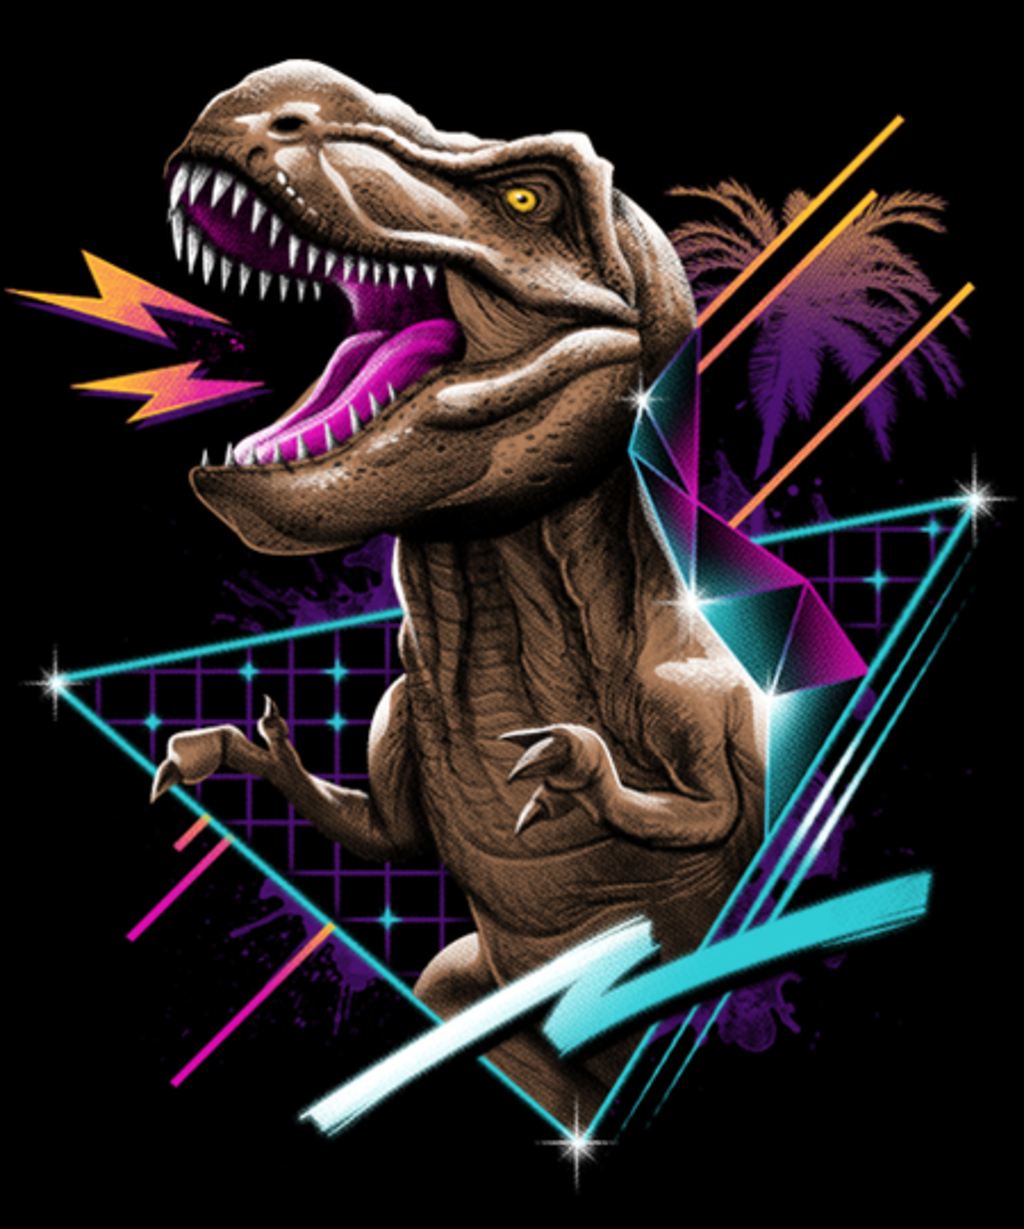 Qwertee: Rad T-Rex